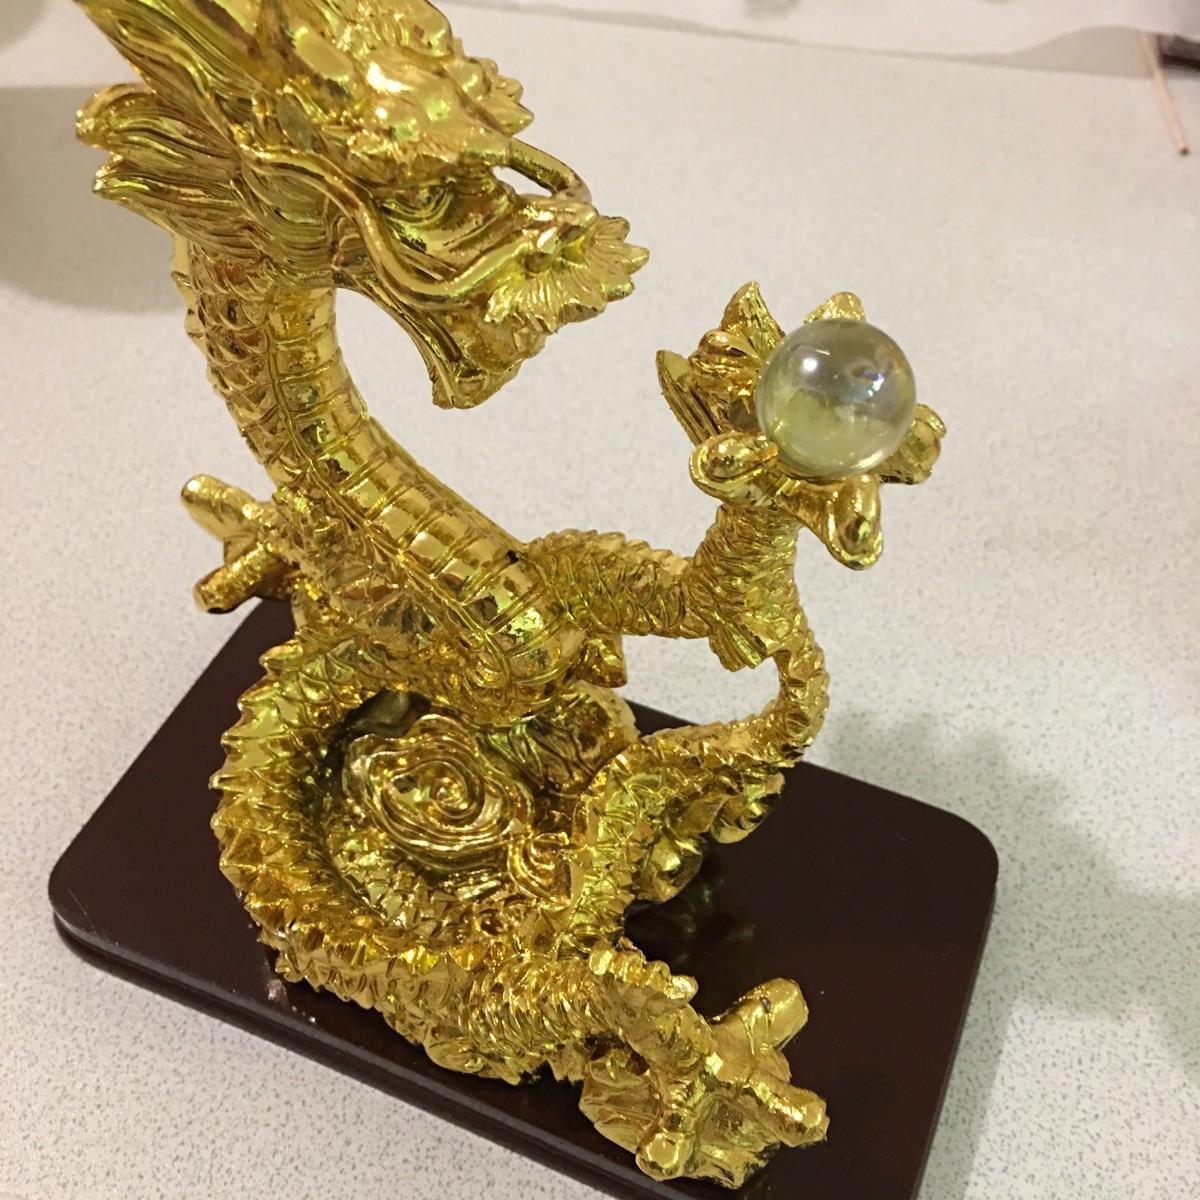 金の龍を買いました